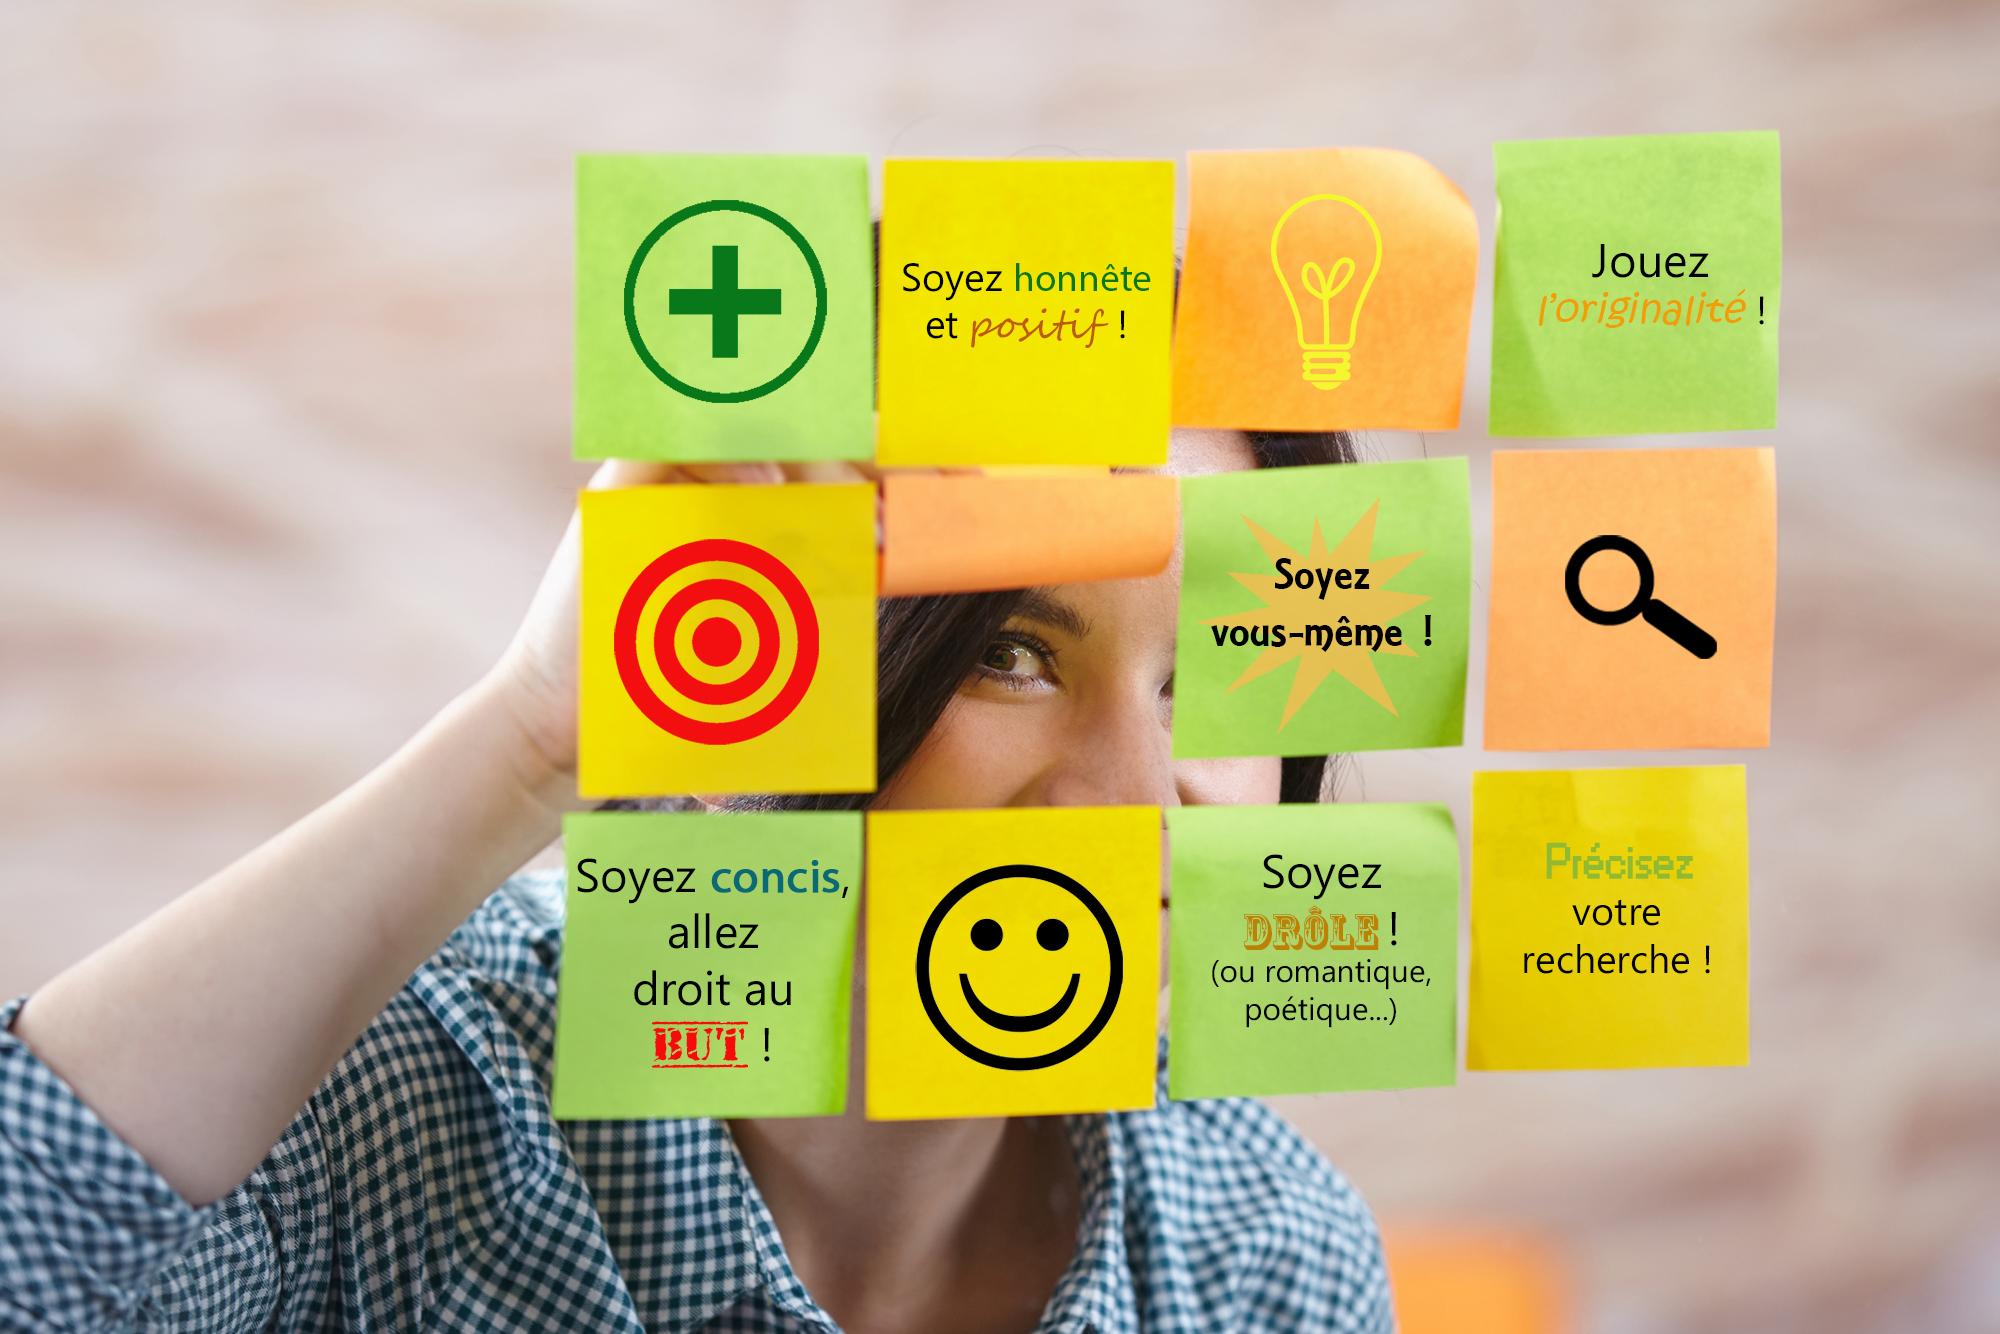 Rencontre gratuite : site d'annonces gratuites de rencontres sérieuses